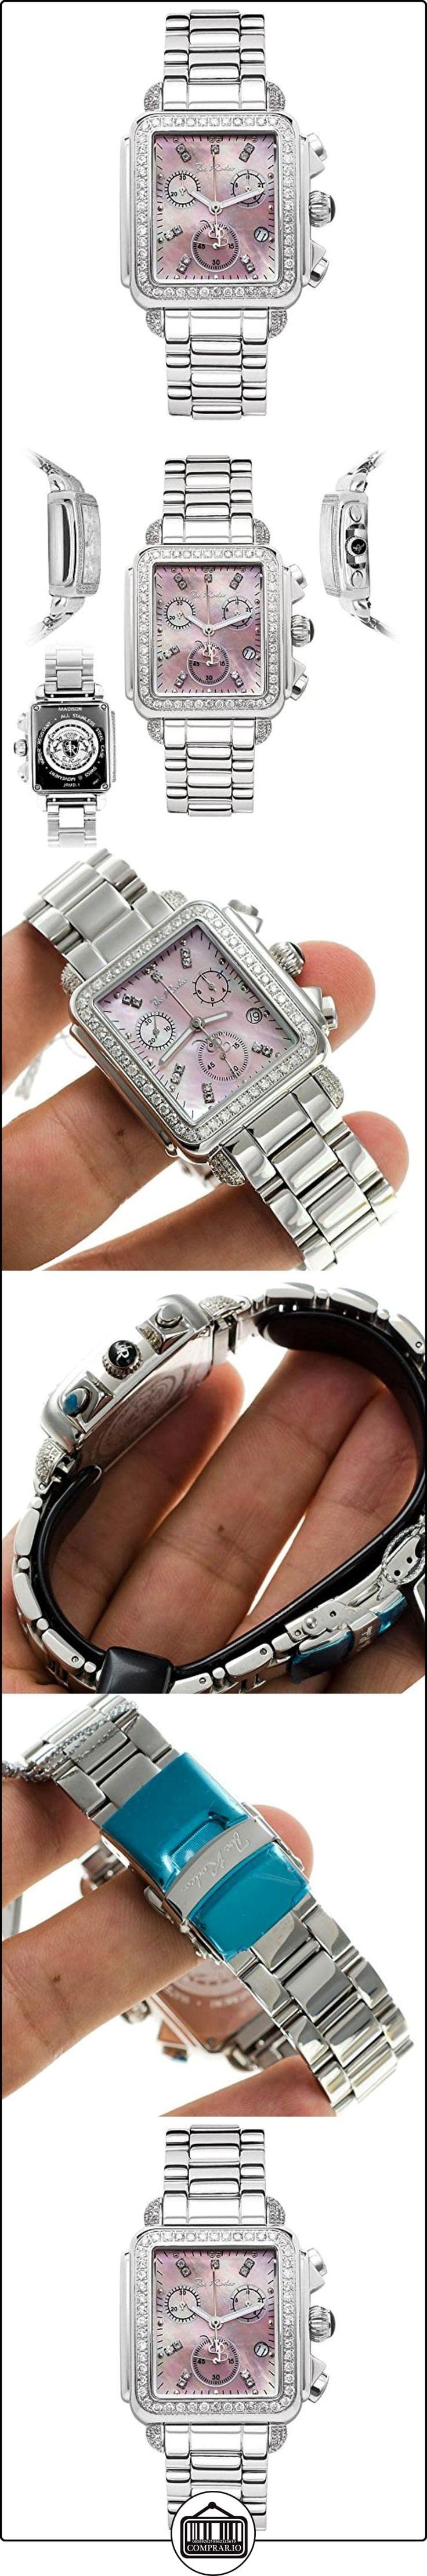 Joe Rodeo diamante de las señoras reloj de pulsera - MADISON de plata 2 ctw  ✿ Relojes para mujer - (Lujo) ✿